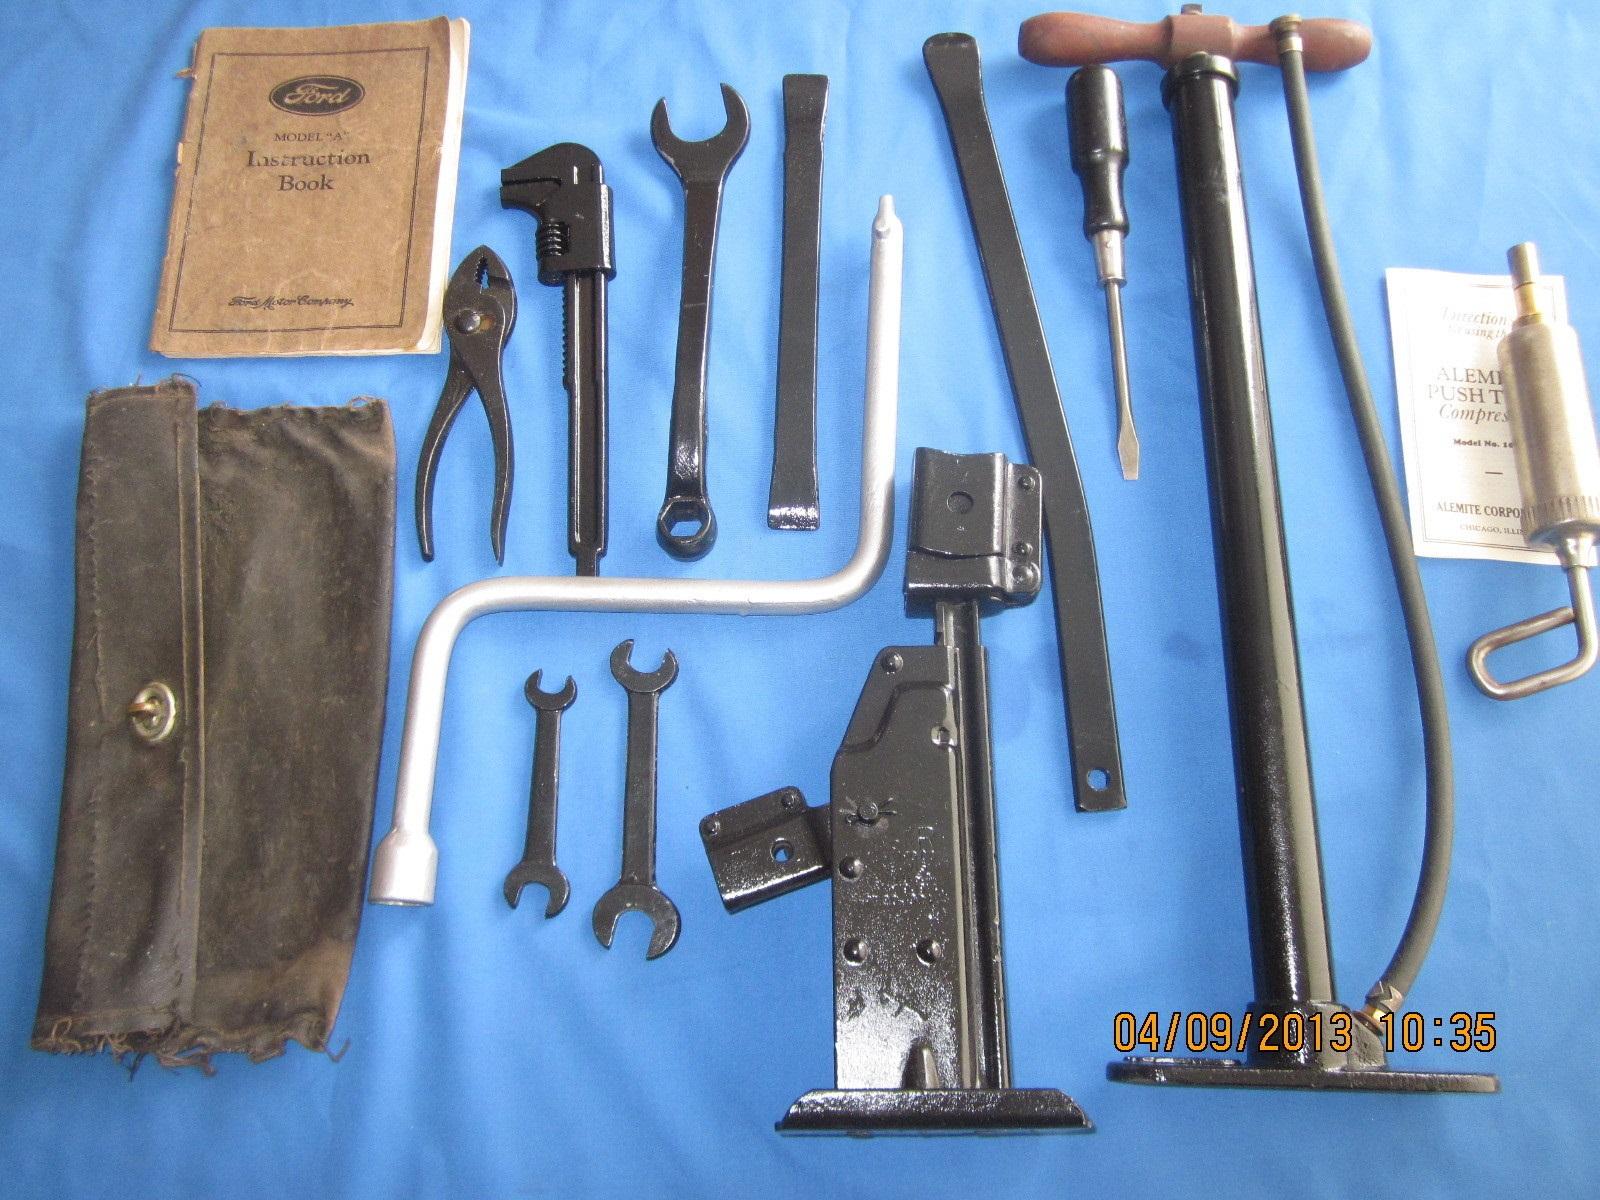 complete tool kit